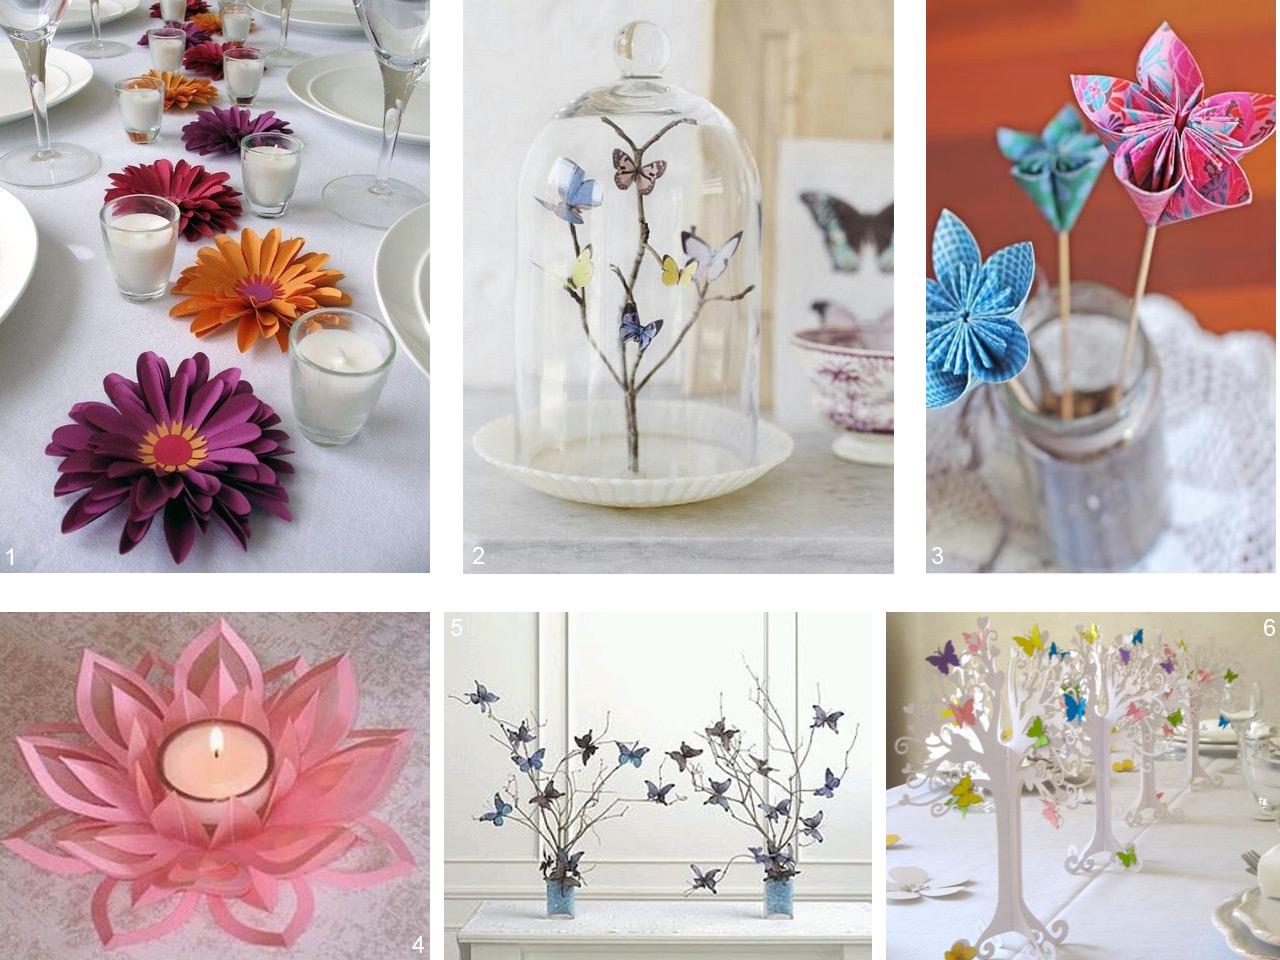 6 estilos diferentes para decorar con centros de mesa - Centros de mesa con limones ...